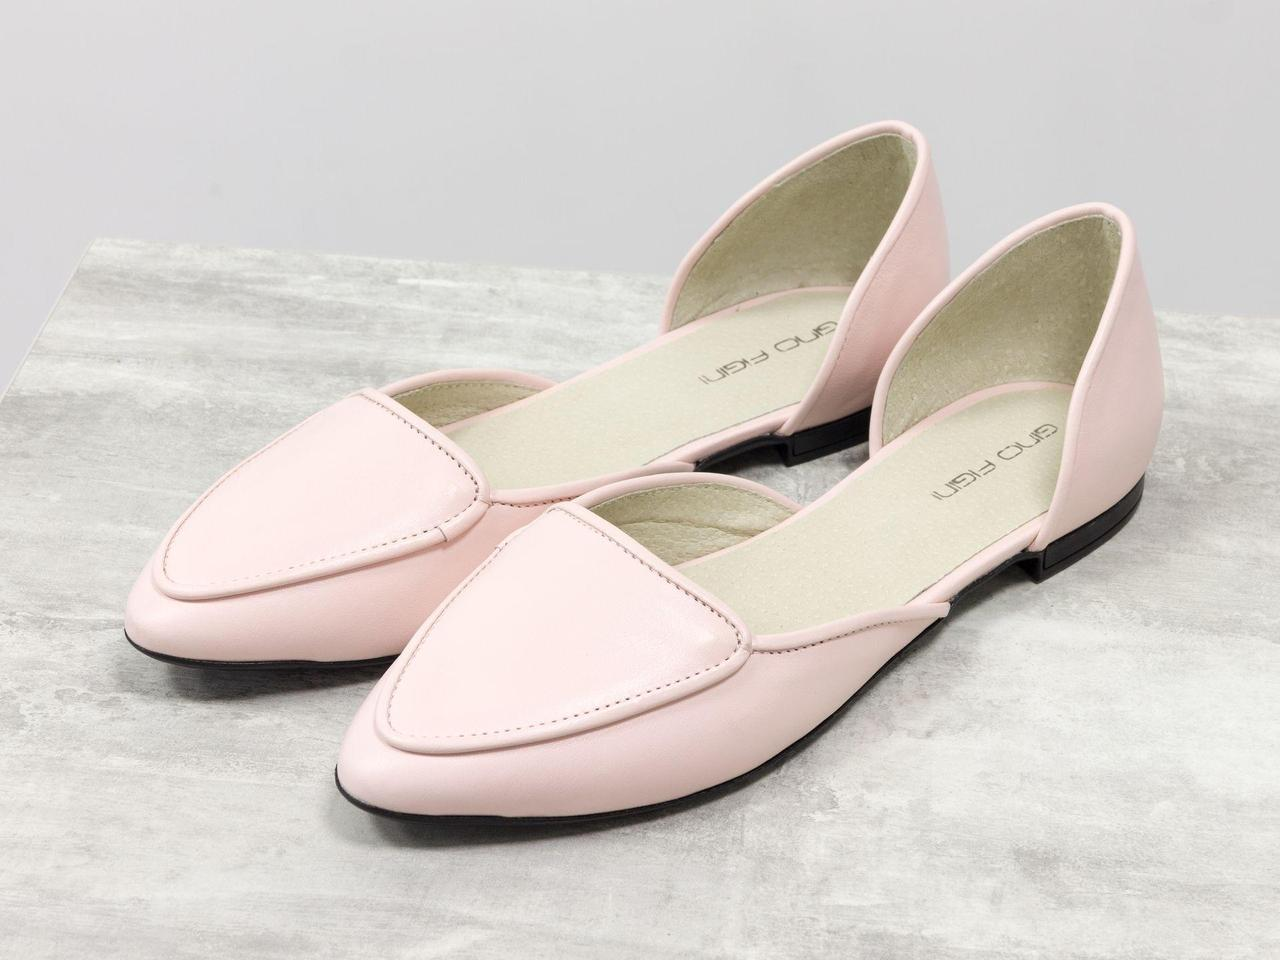 Облегченные туфли-лодочки с удлиненным носиком на низком ходу нежного светло-розового цвета кожи